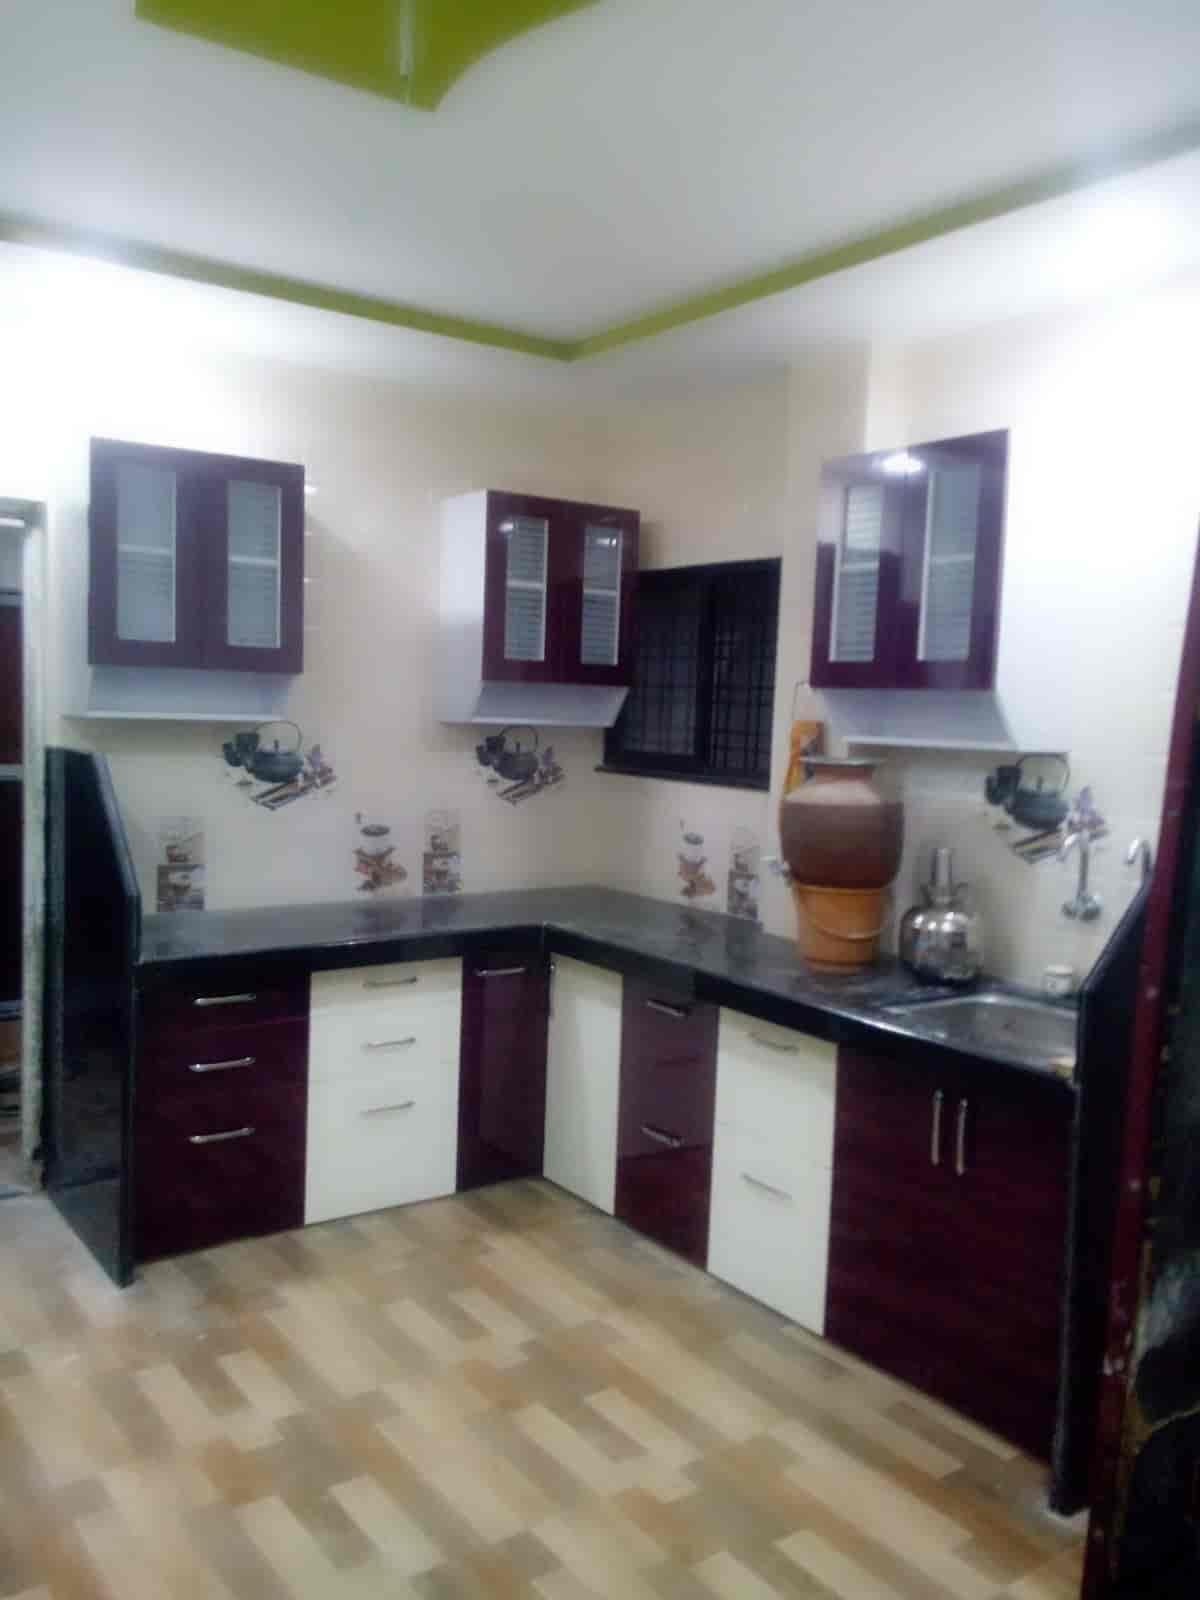 Indian Modular Kitchen Photos Subhash Nagar Nagpur Pictures